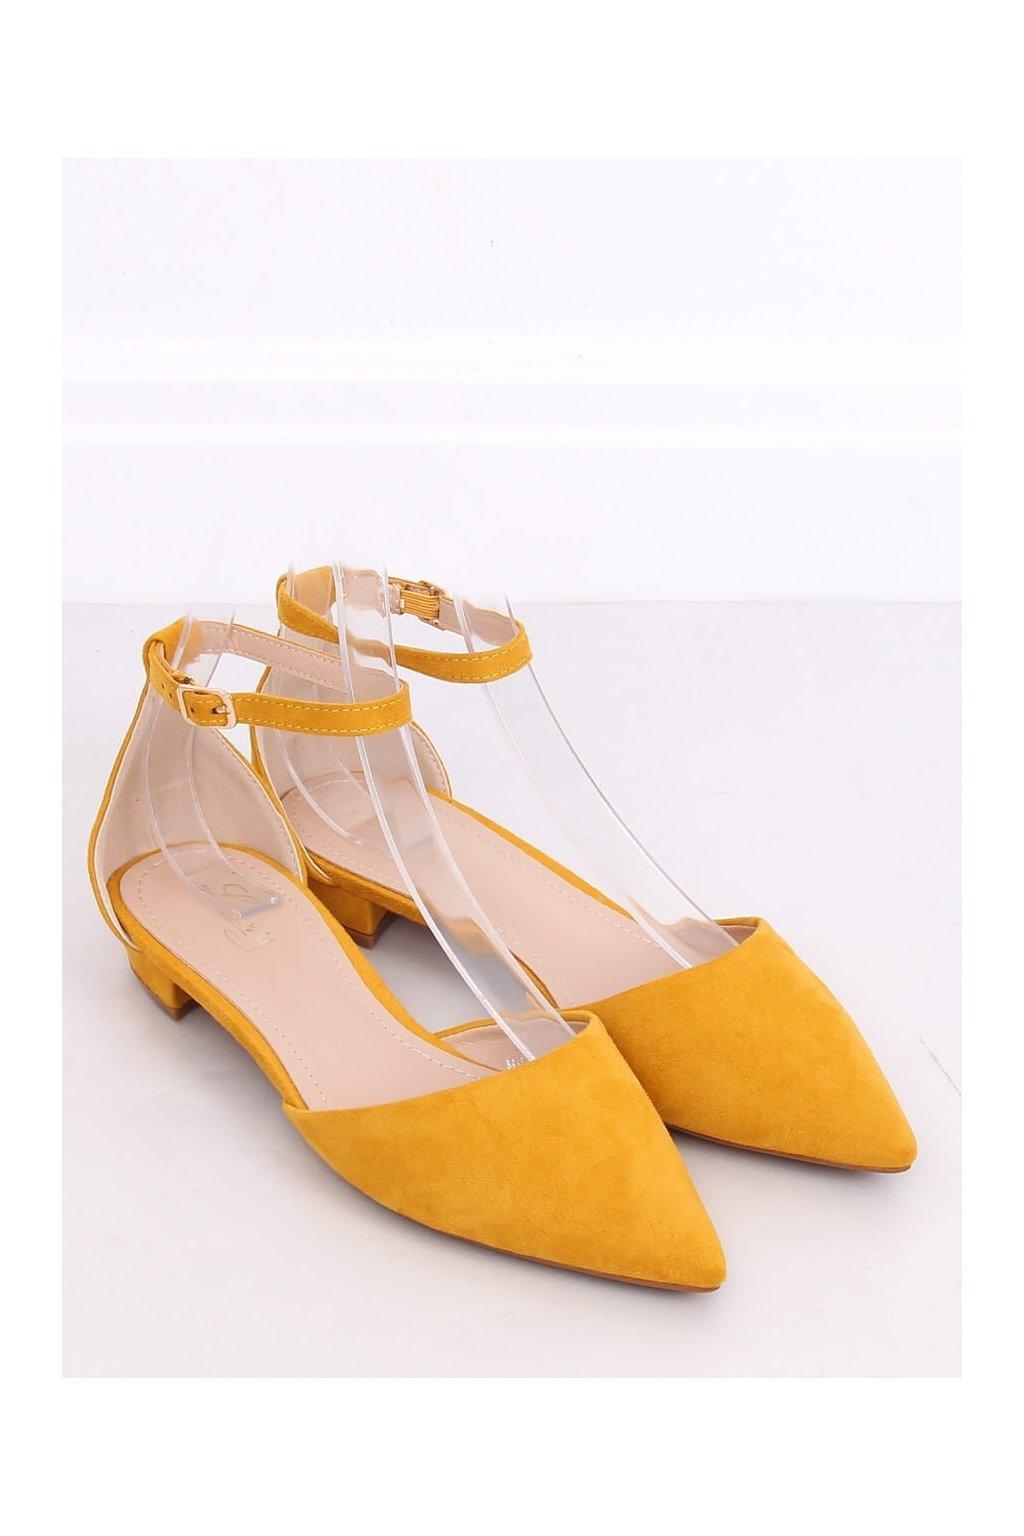 Dámske baleríny žlté NJSK MM-795